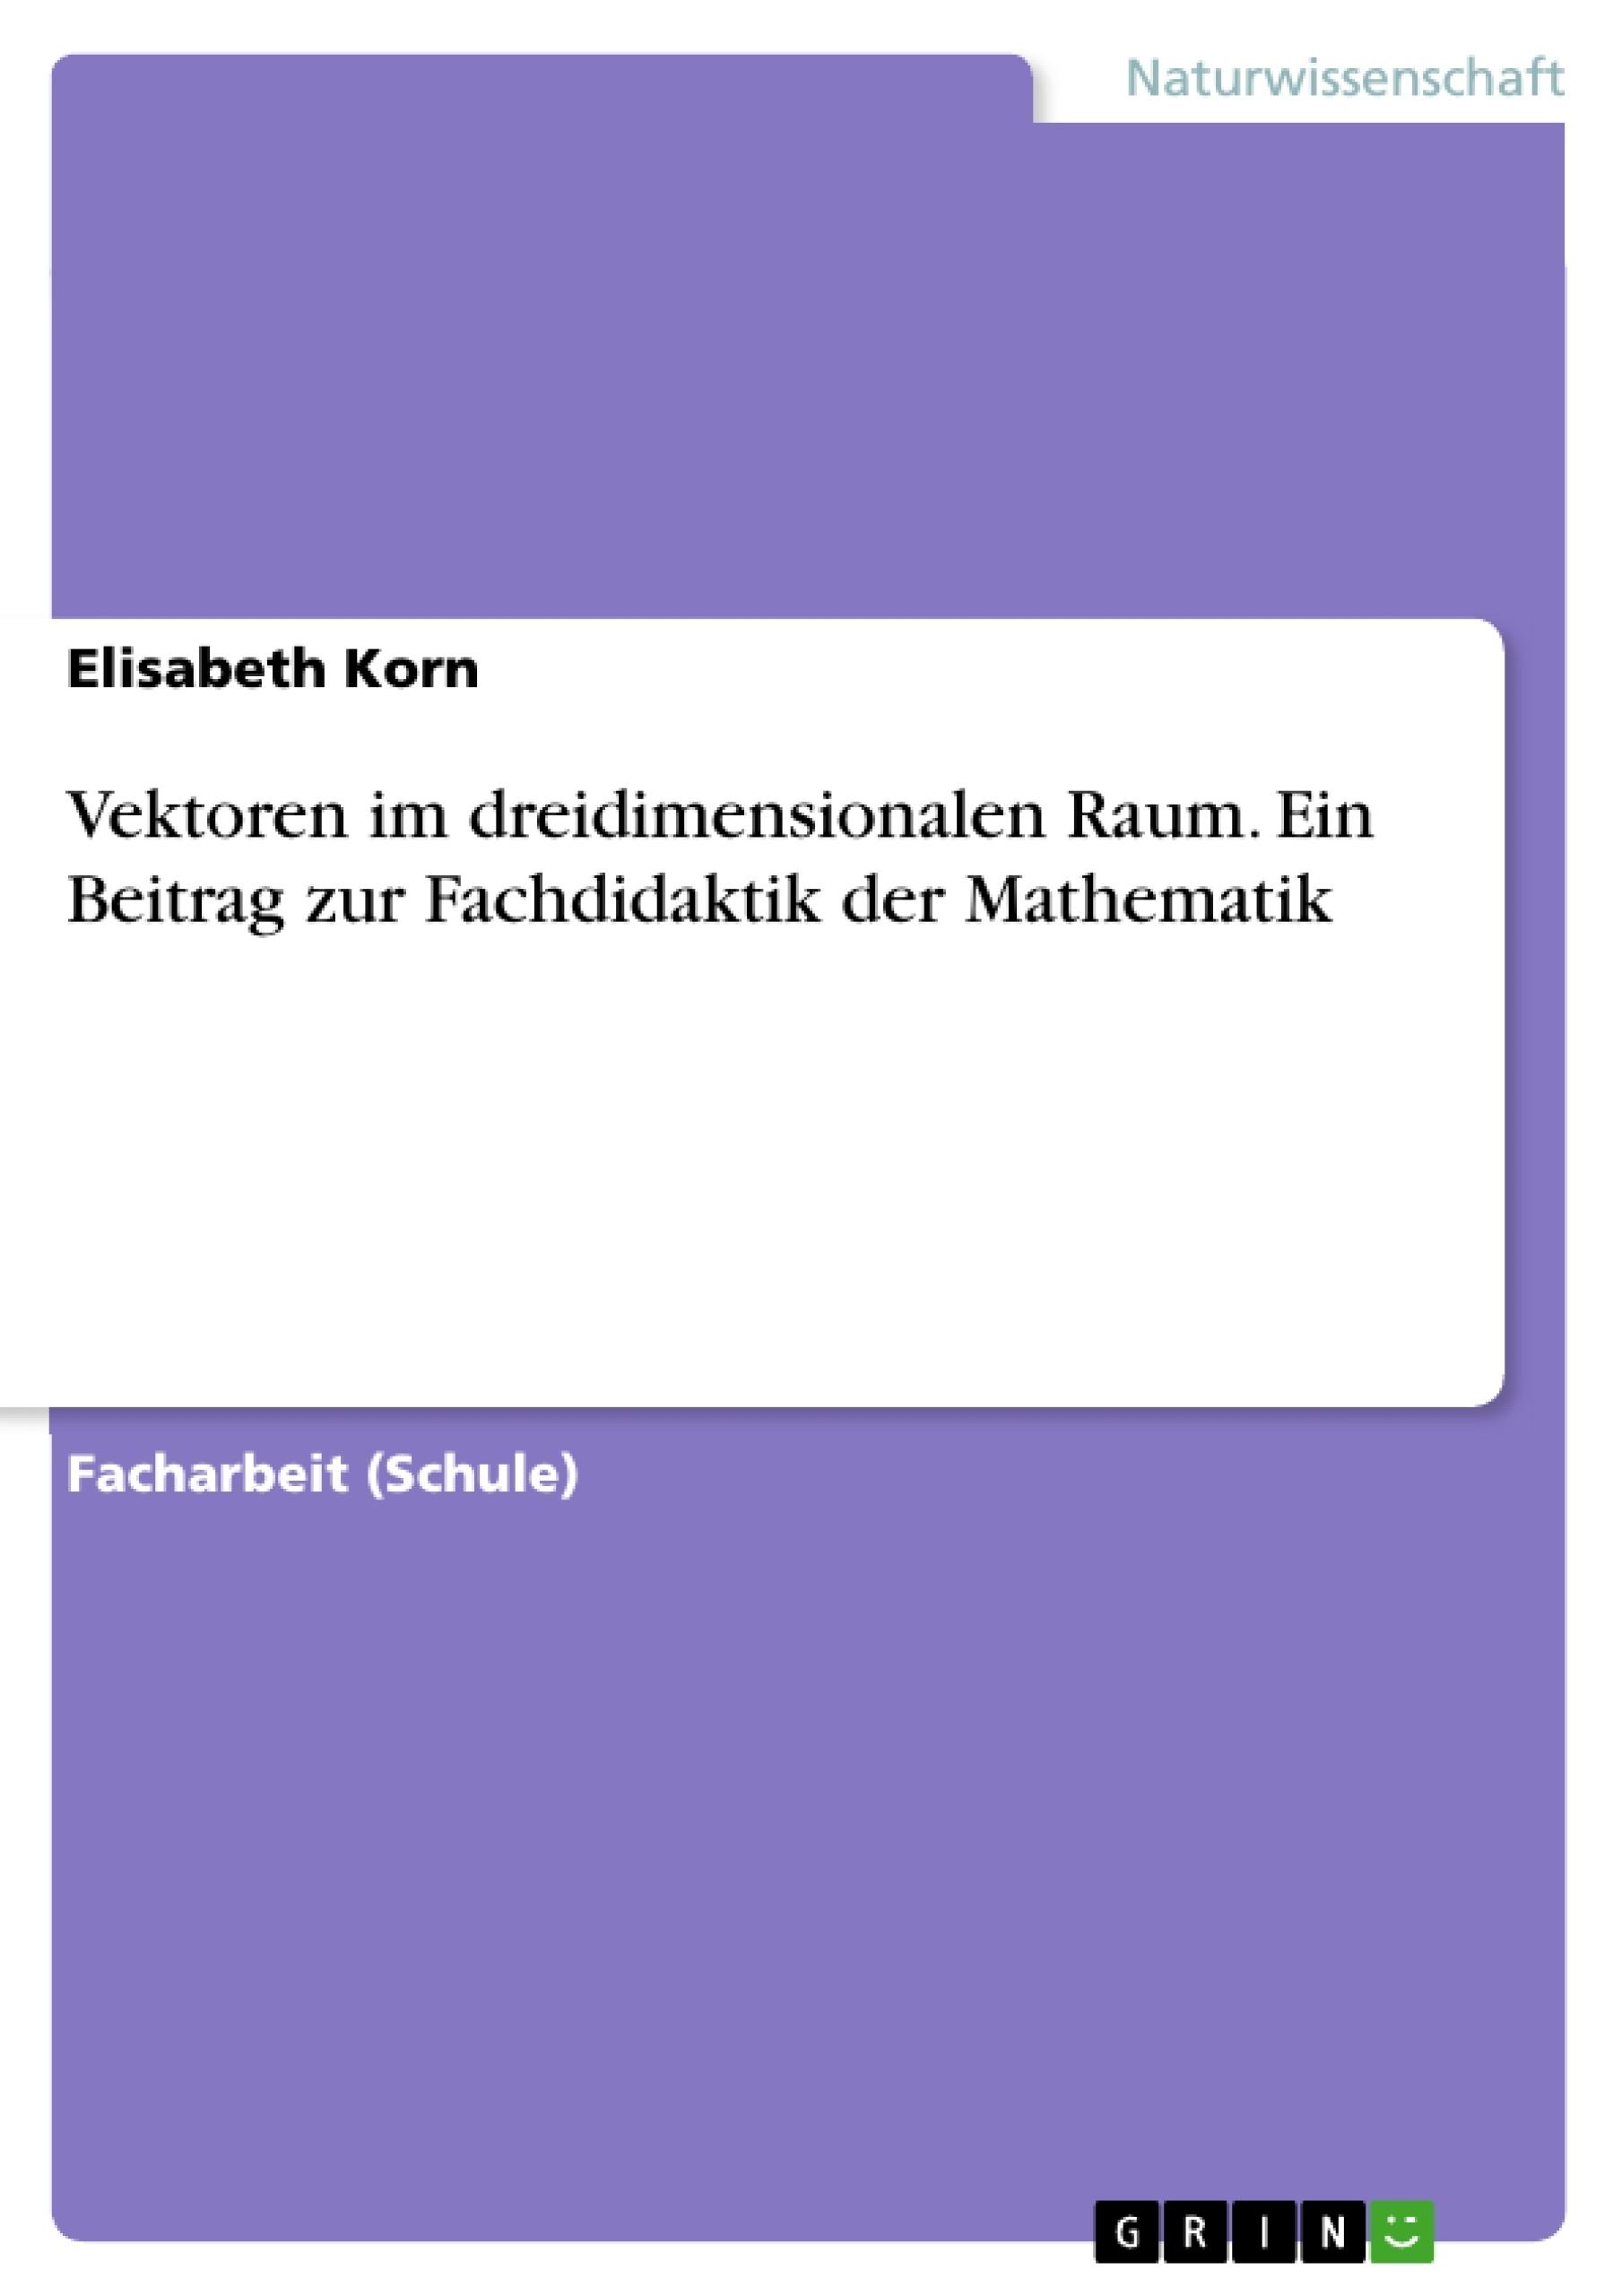 Titel: Vektoren im dreidimensionalen Raum. Ein Beitrag zur Fachdidaktik der Mathematik